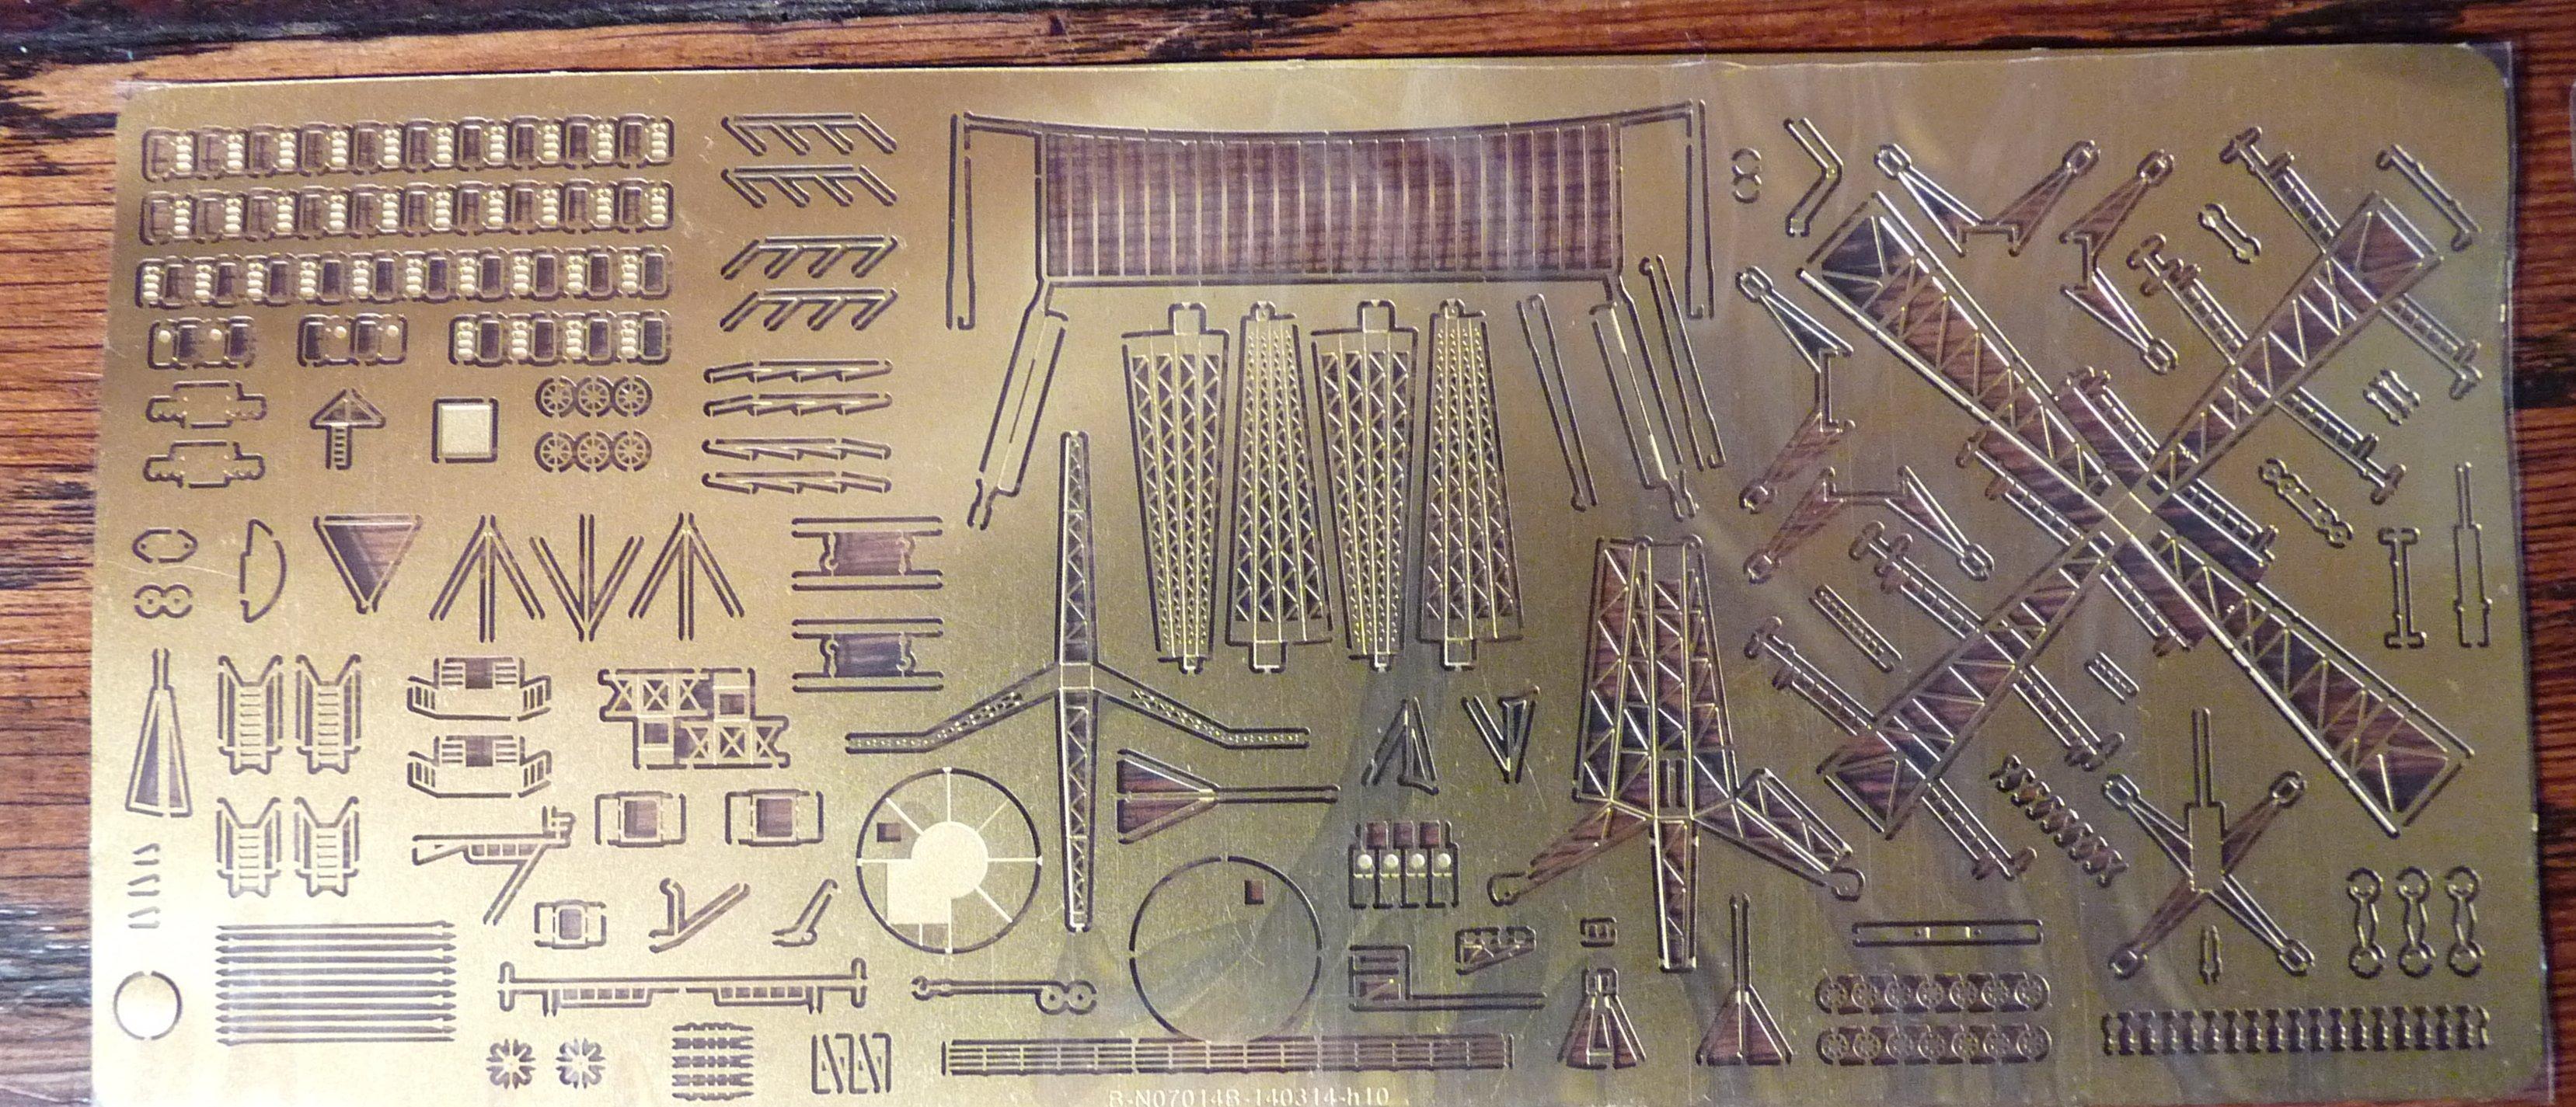 [HMS Victorious après refonte] 1/700e maquette Orange Hobby 17072112555223134915159377